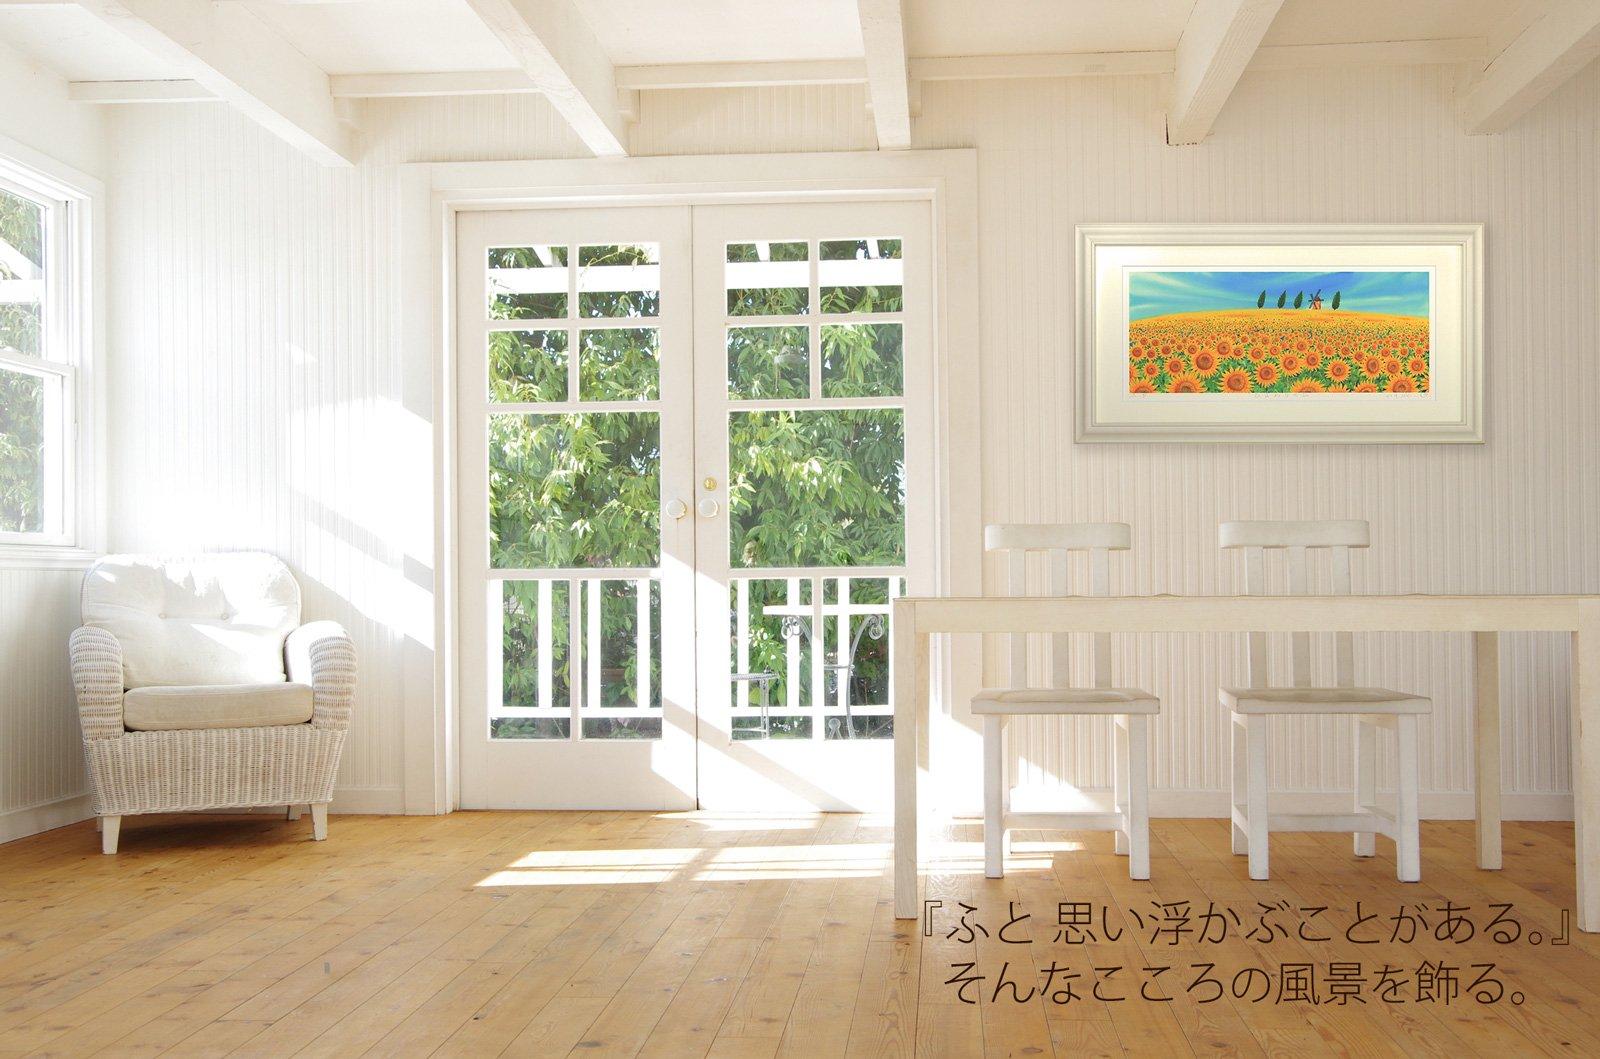 《絵画 水彩画》キャンドル2〔栗乃木ハルミ くりのきはるみ 〕